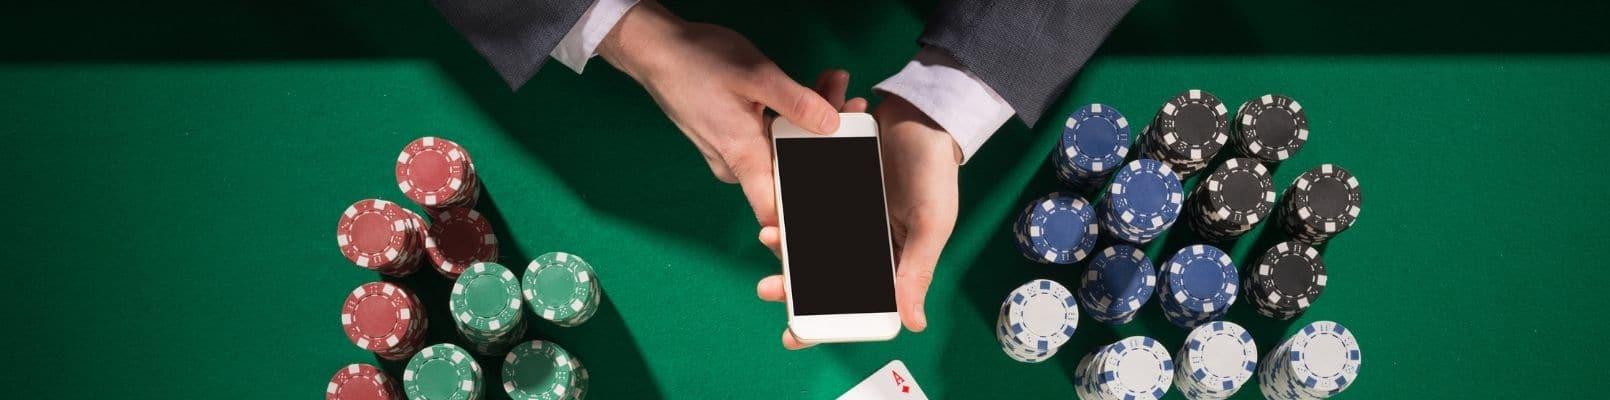 efbet mobile gambling